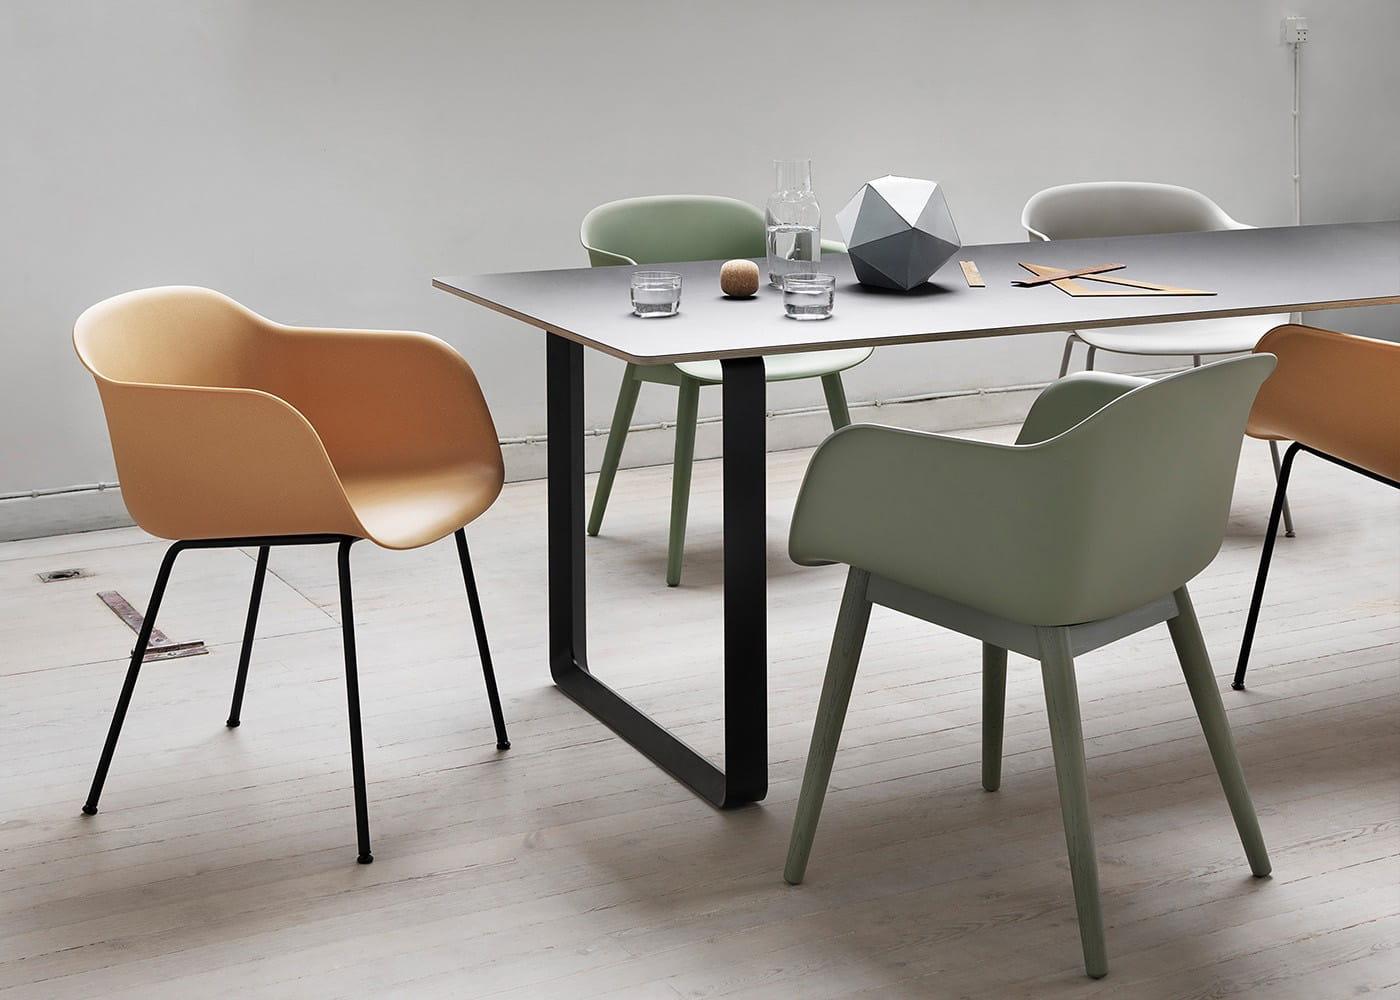 50 mẫu ghế hiện đại kết hợp bàn ăn HOT nhất hiện nay 26